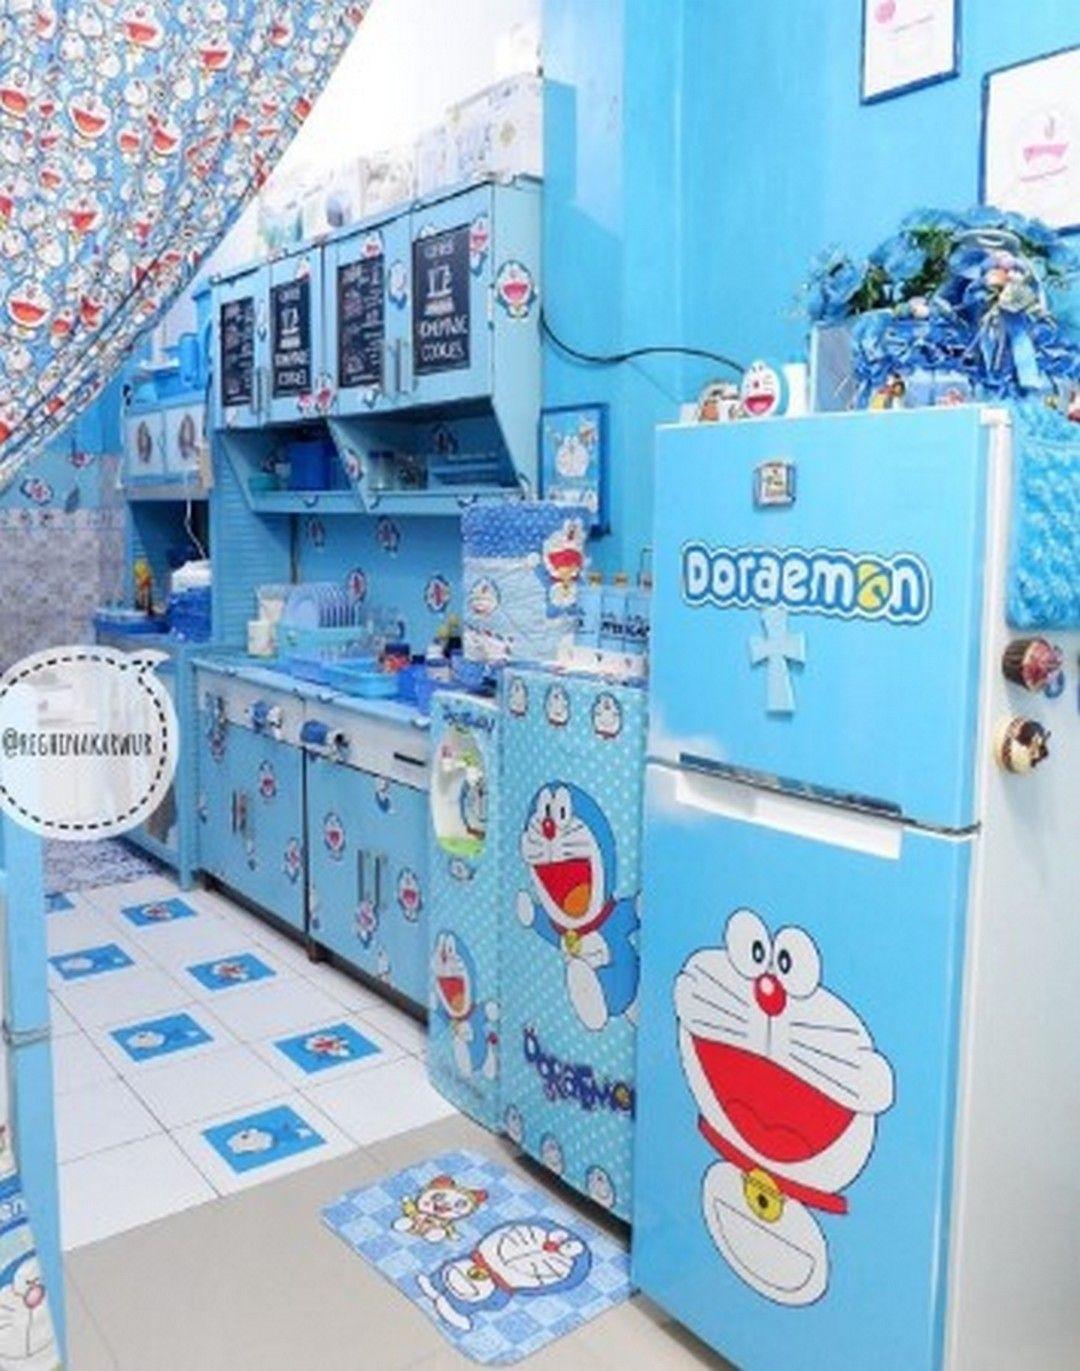 278 Gambar Doraemon Terbaik Di 2020